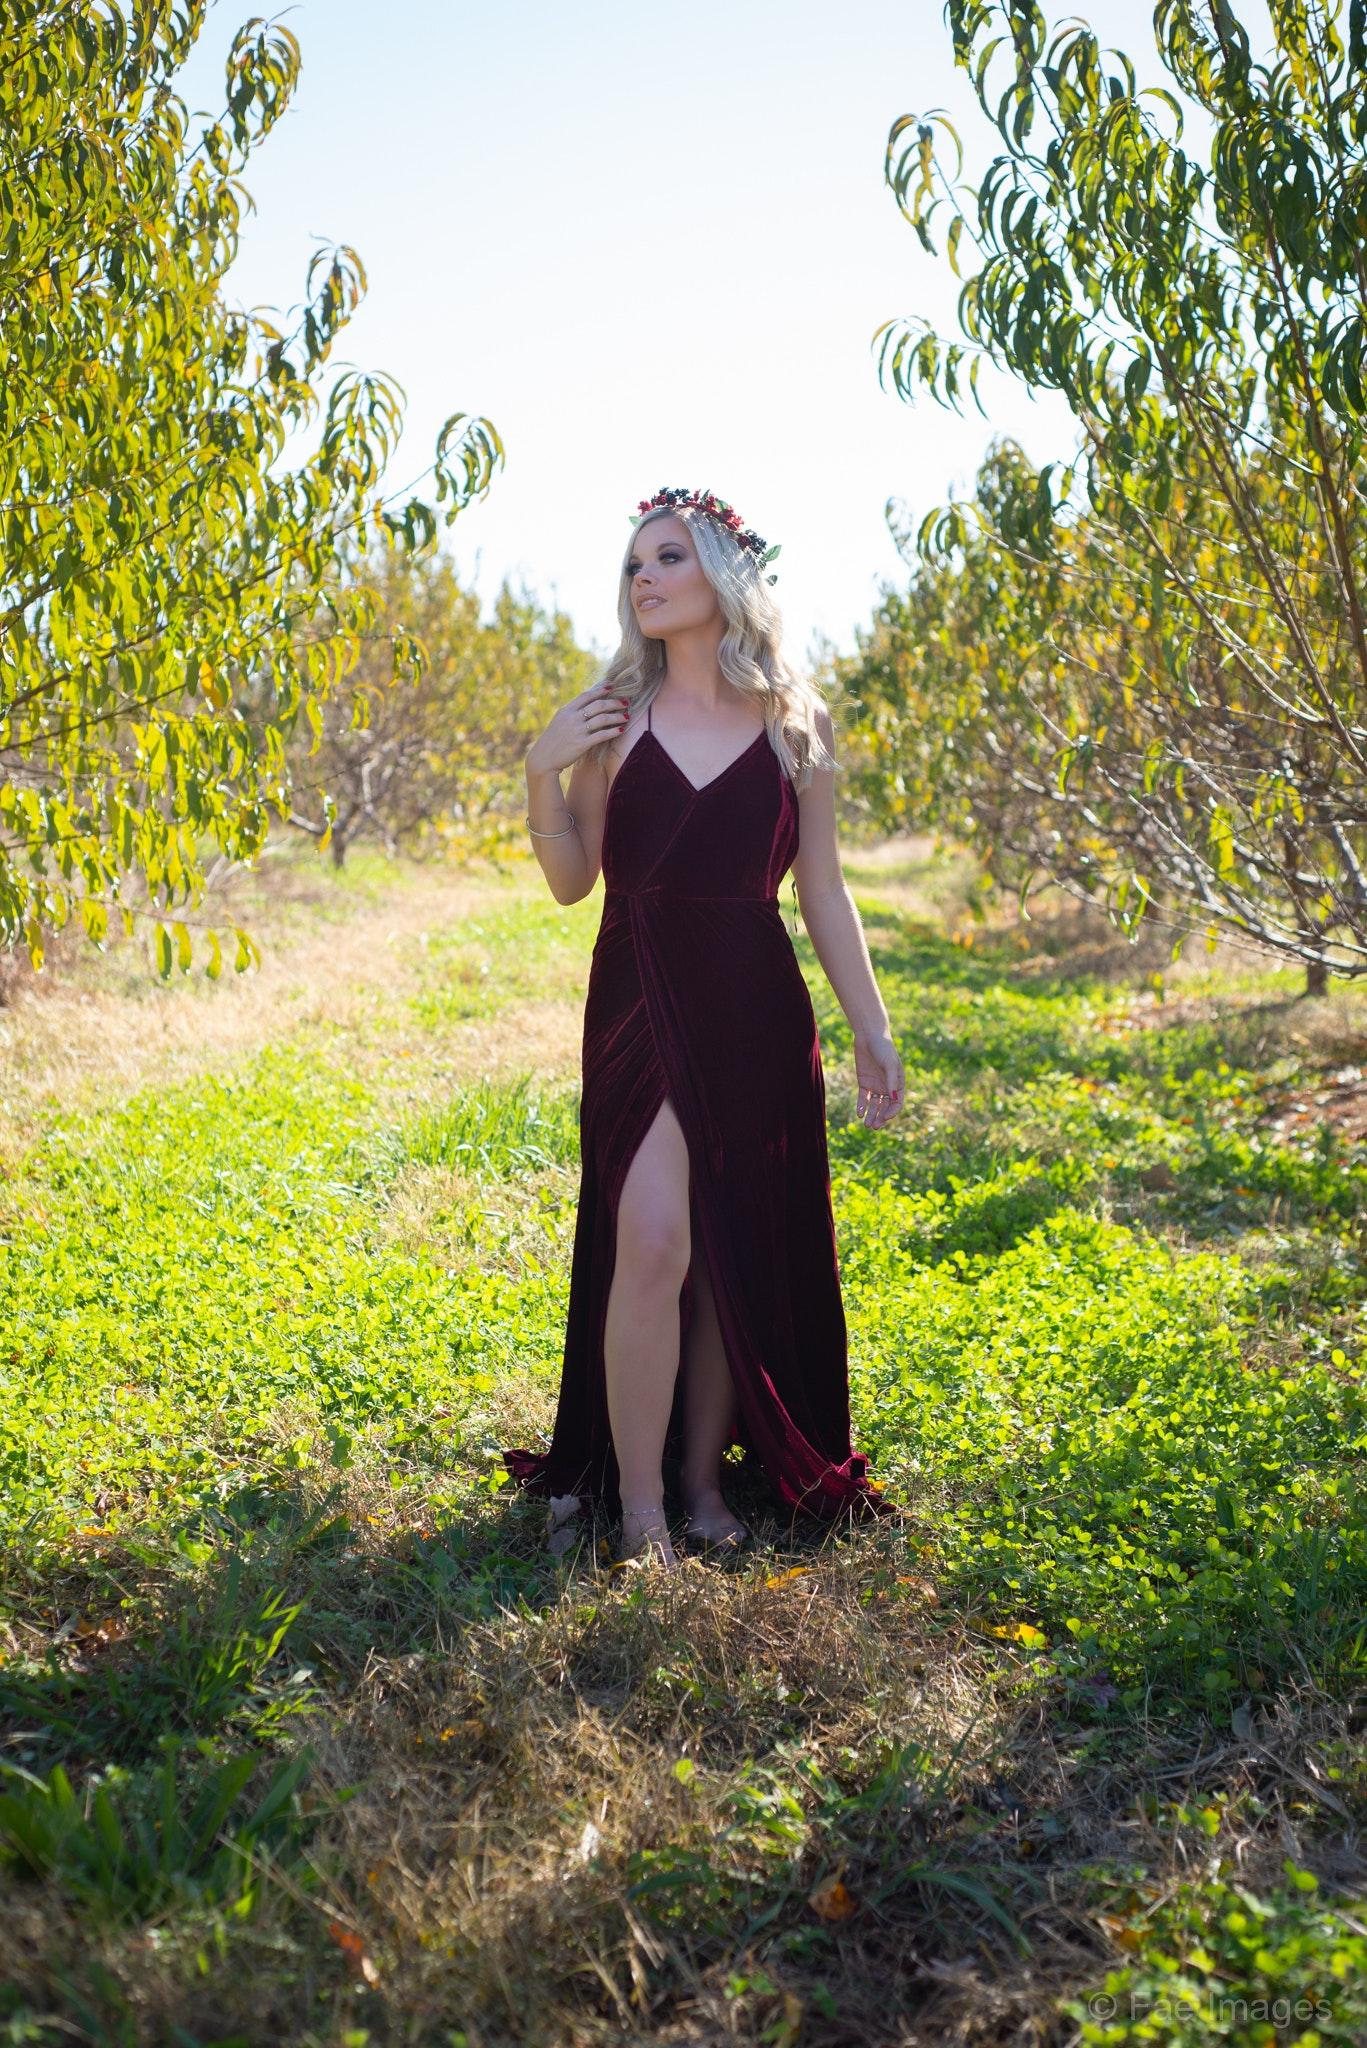 Fae Images - Jennie glamour - web-3